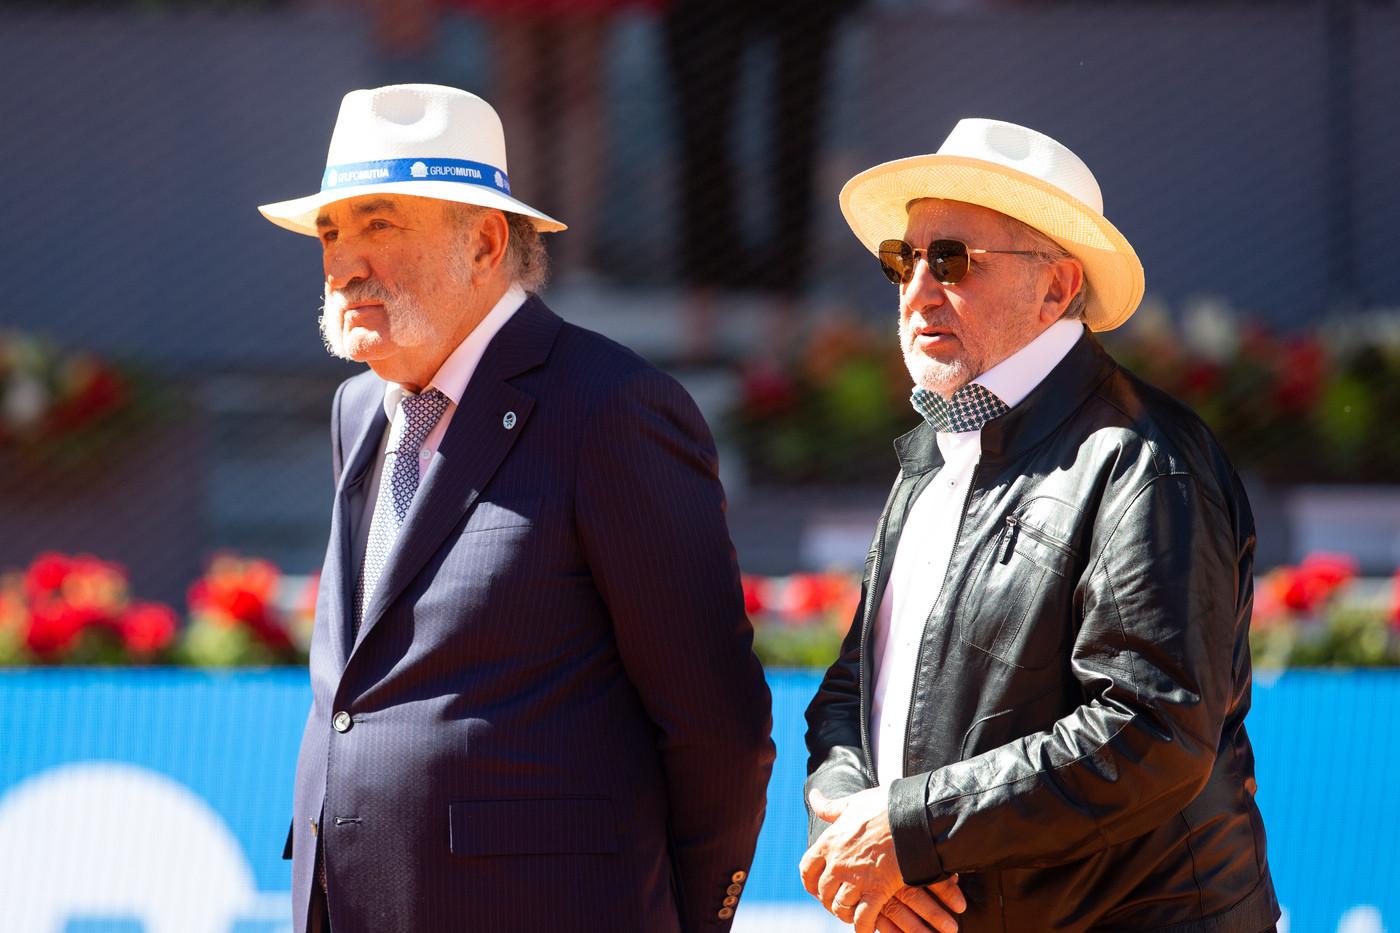 Europee, dai tennisti ad astronauti e chef: i 'famosi' candidati all'estero